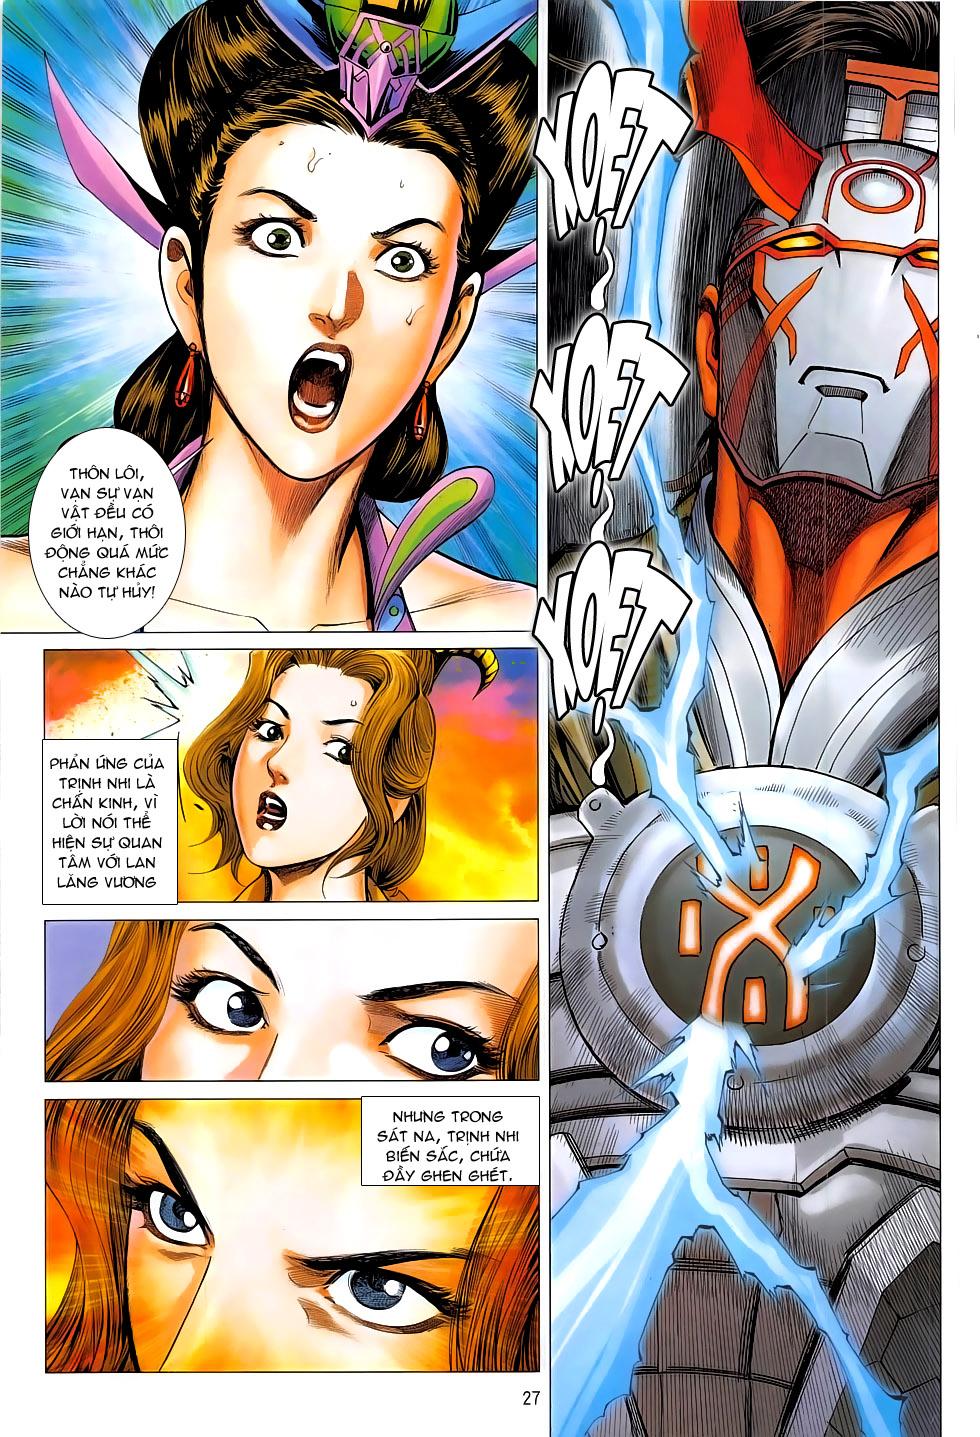 Chiến Phổ chap 19 - Trang 27